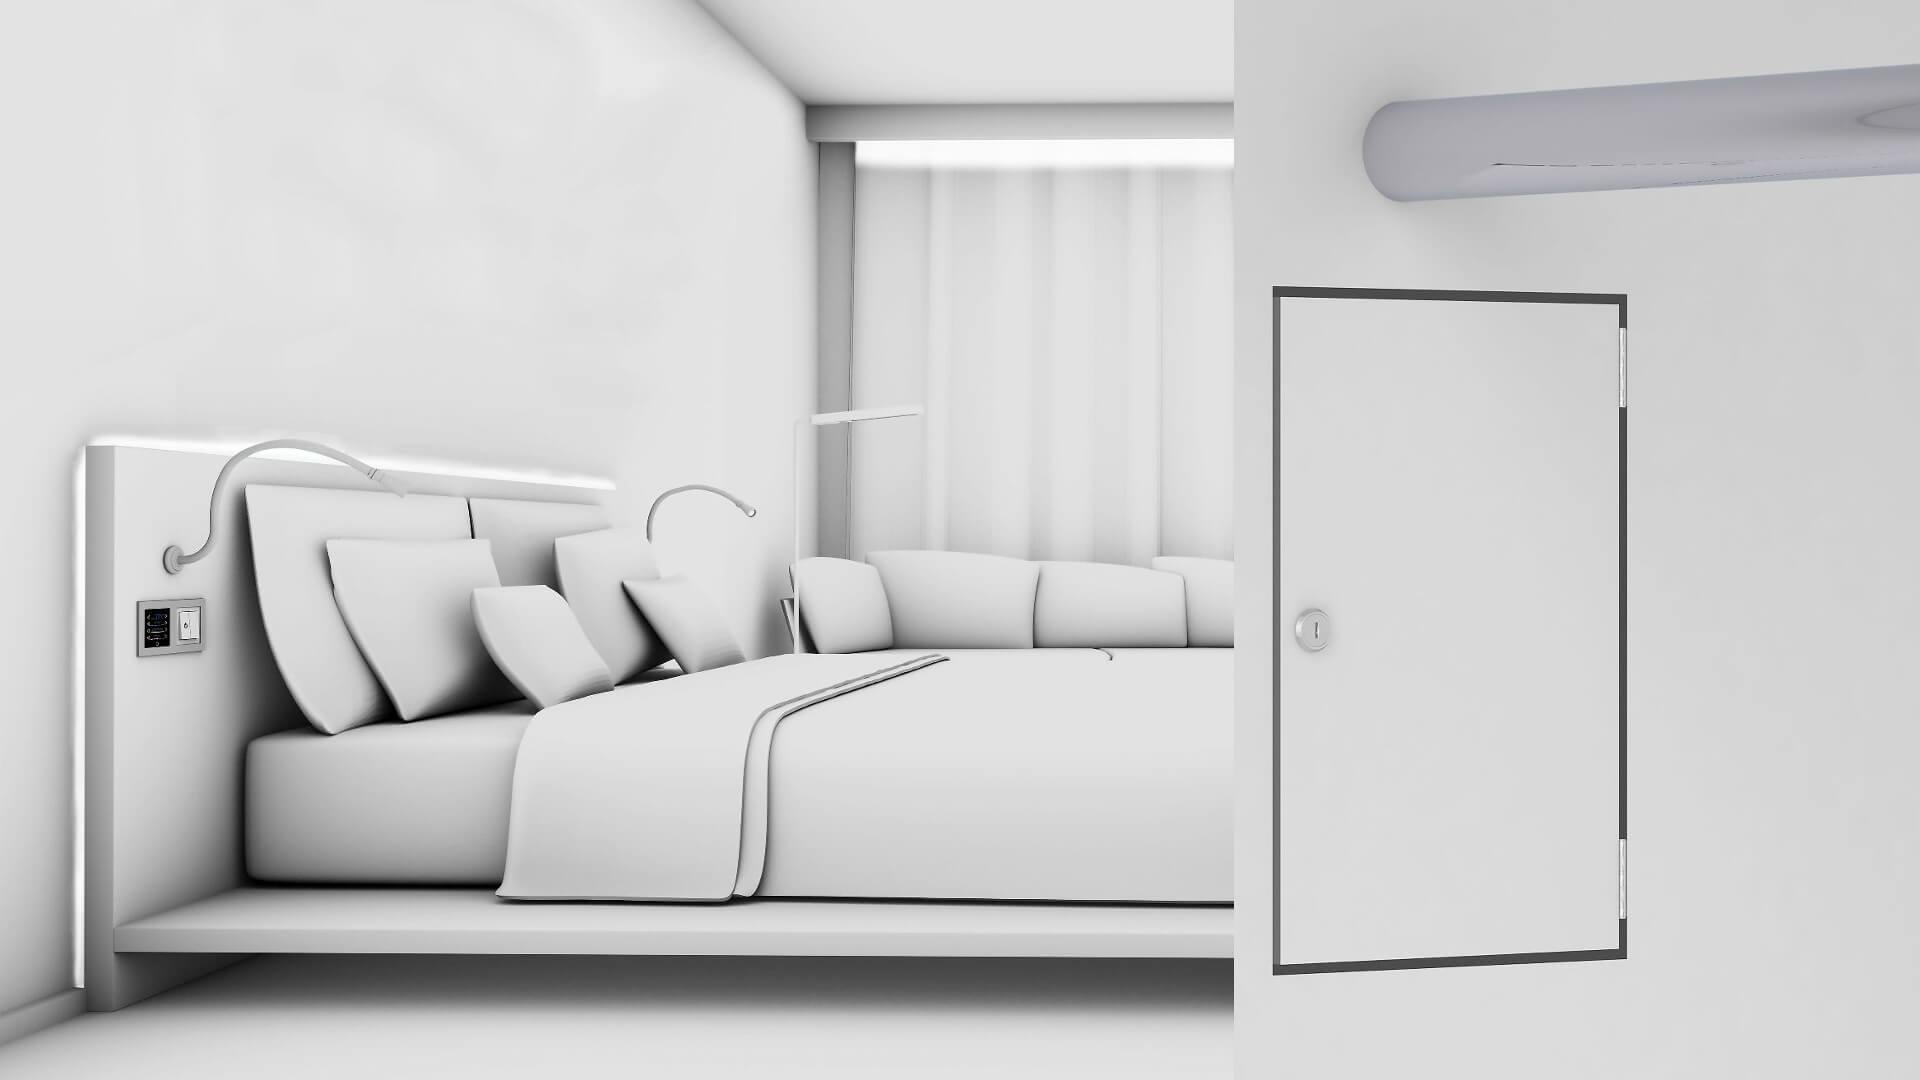 Systemkonfiguration der Hotelzimmer